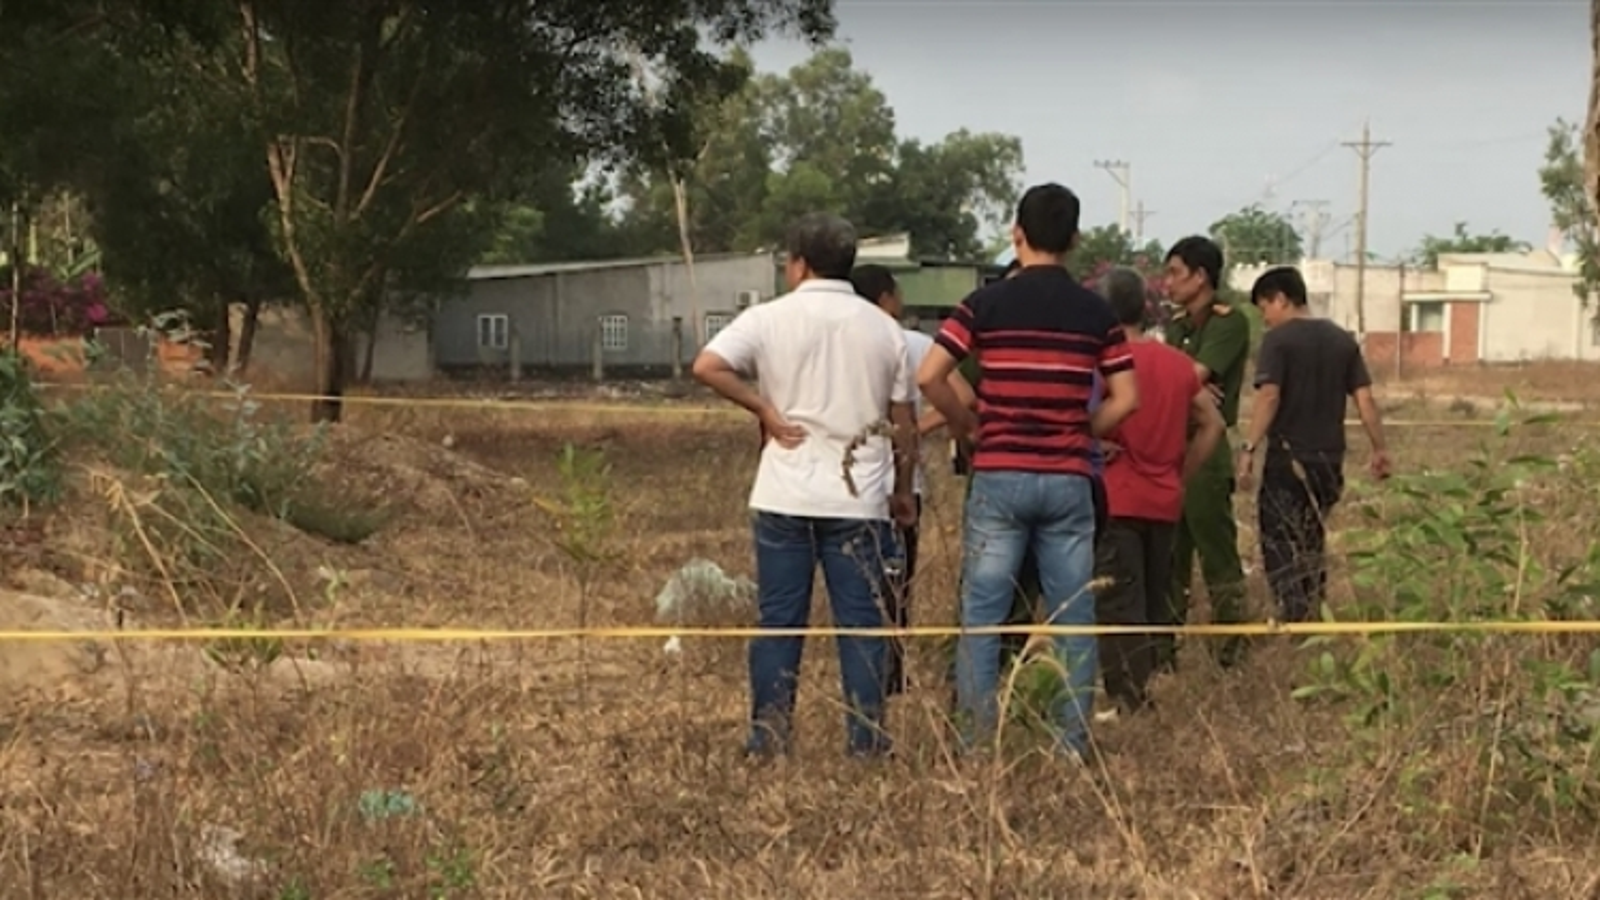 Nóng 24h: Nghi án bé gái 5 tuổi tử vong do bị xâm hại